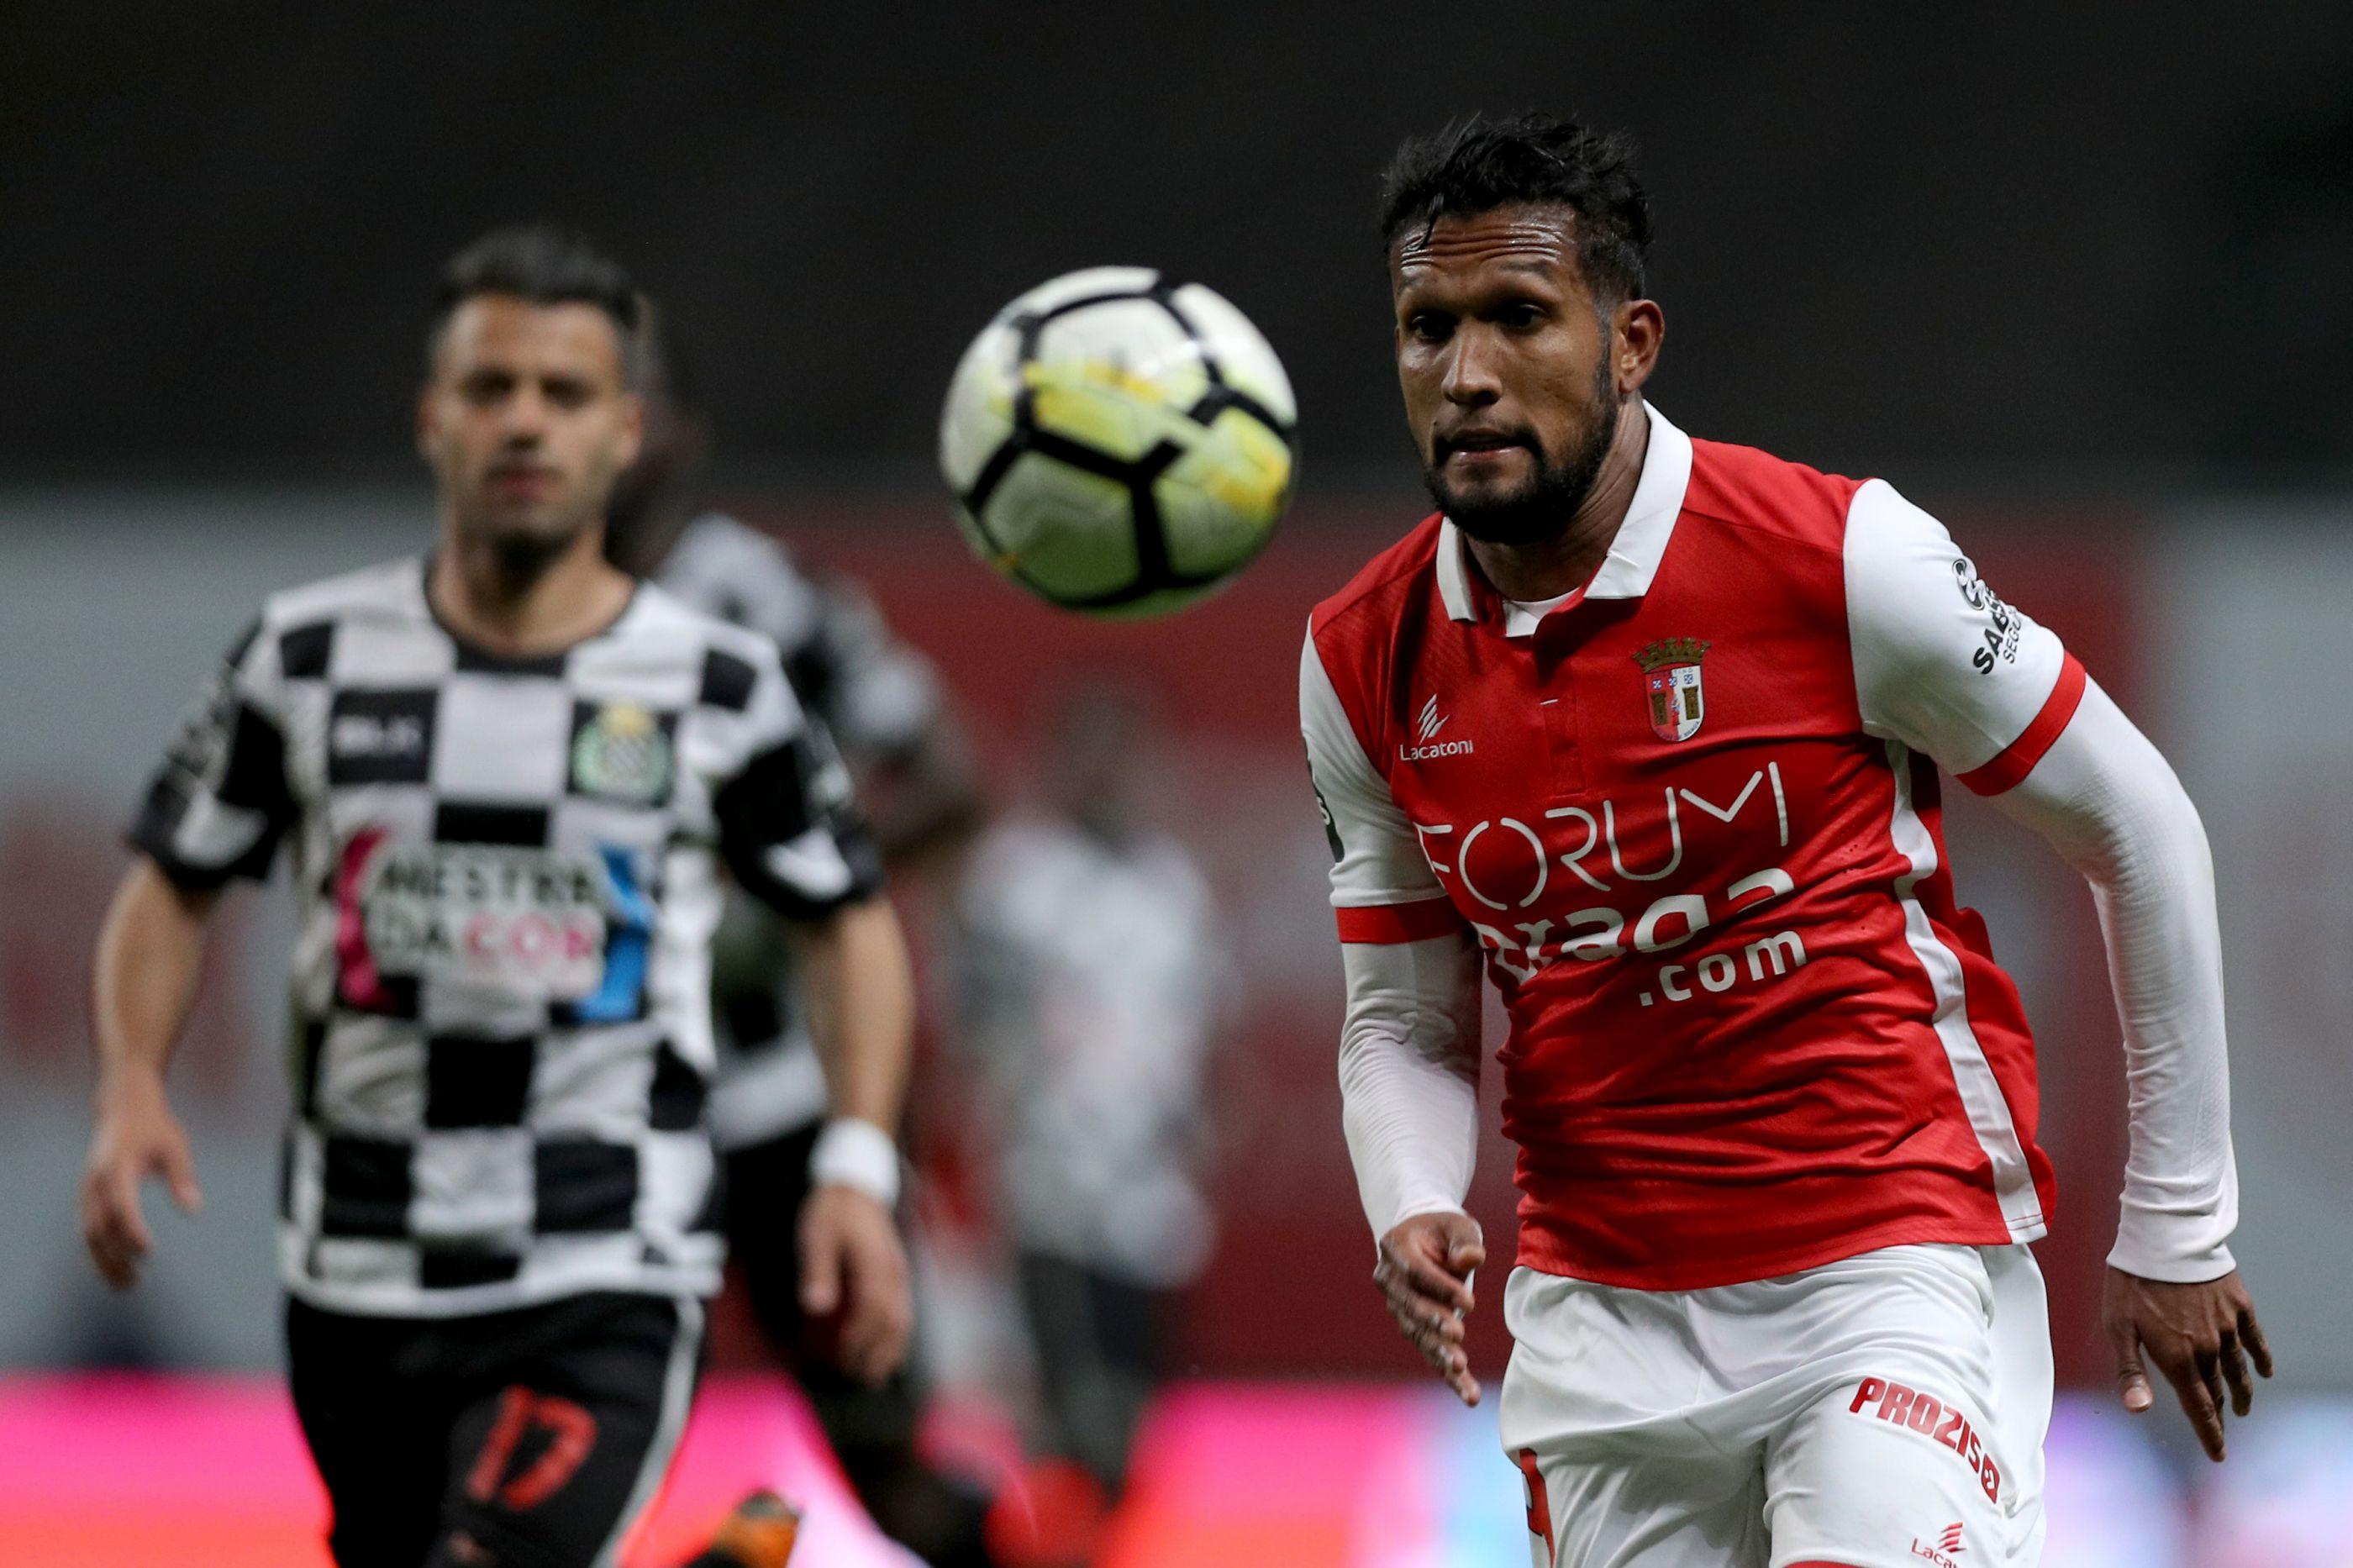 """O pensamento de Dyego Sousa às portas da Seleção: """"Vou jogar com o homem"""""""